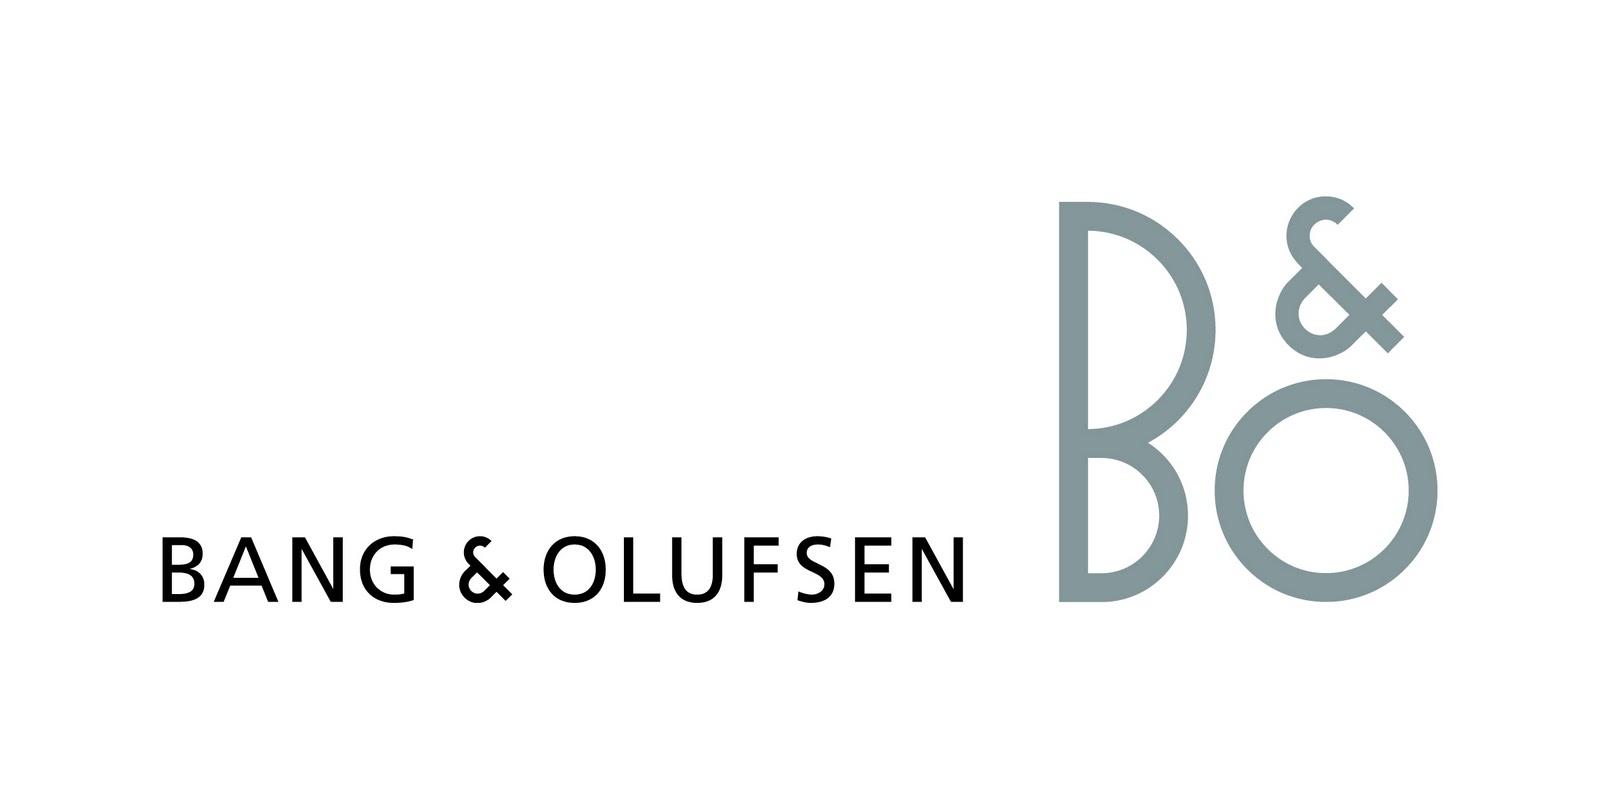 Nueva marca de Bang & Olufsen y la herencia de imaginarios